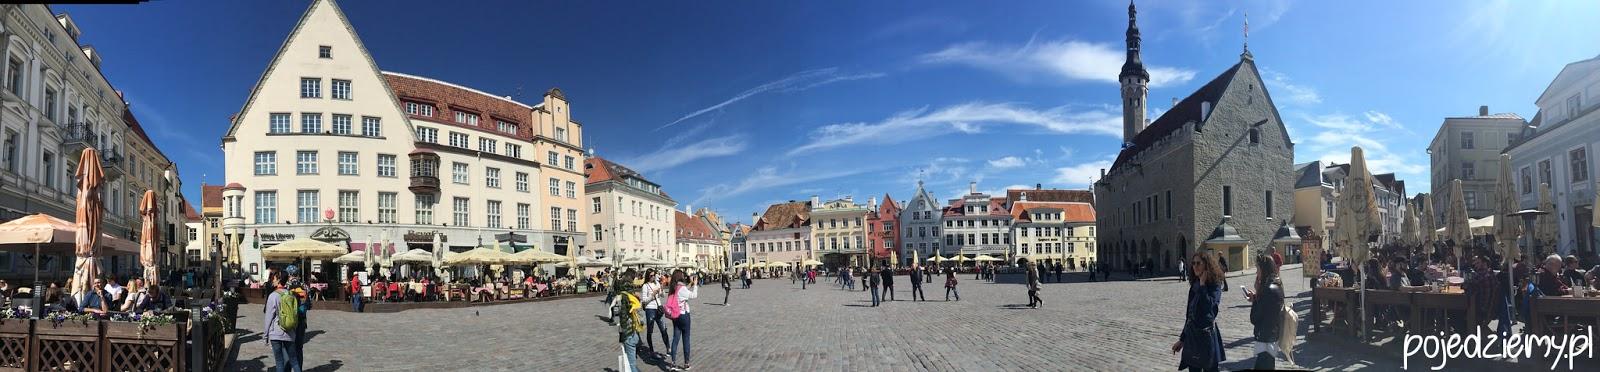 Stare miasto Tallin